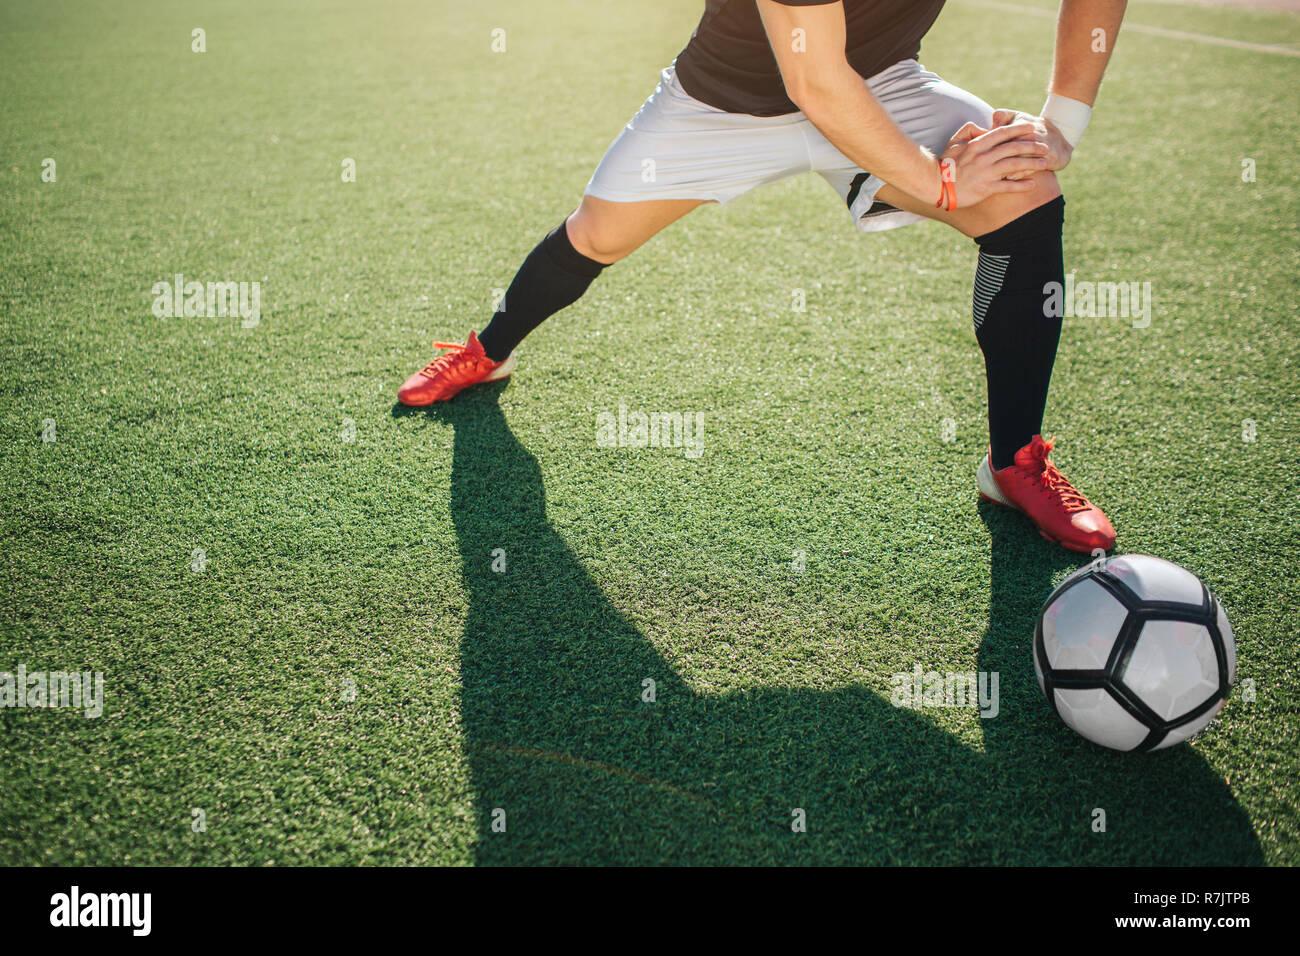 Fussball Spieler Stehen Auf Der Grunen Wiese Und Strecken Die